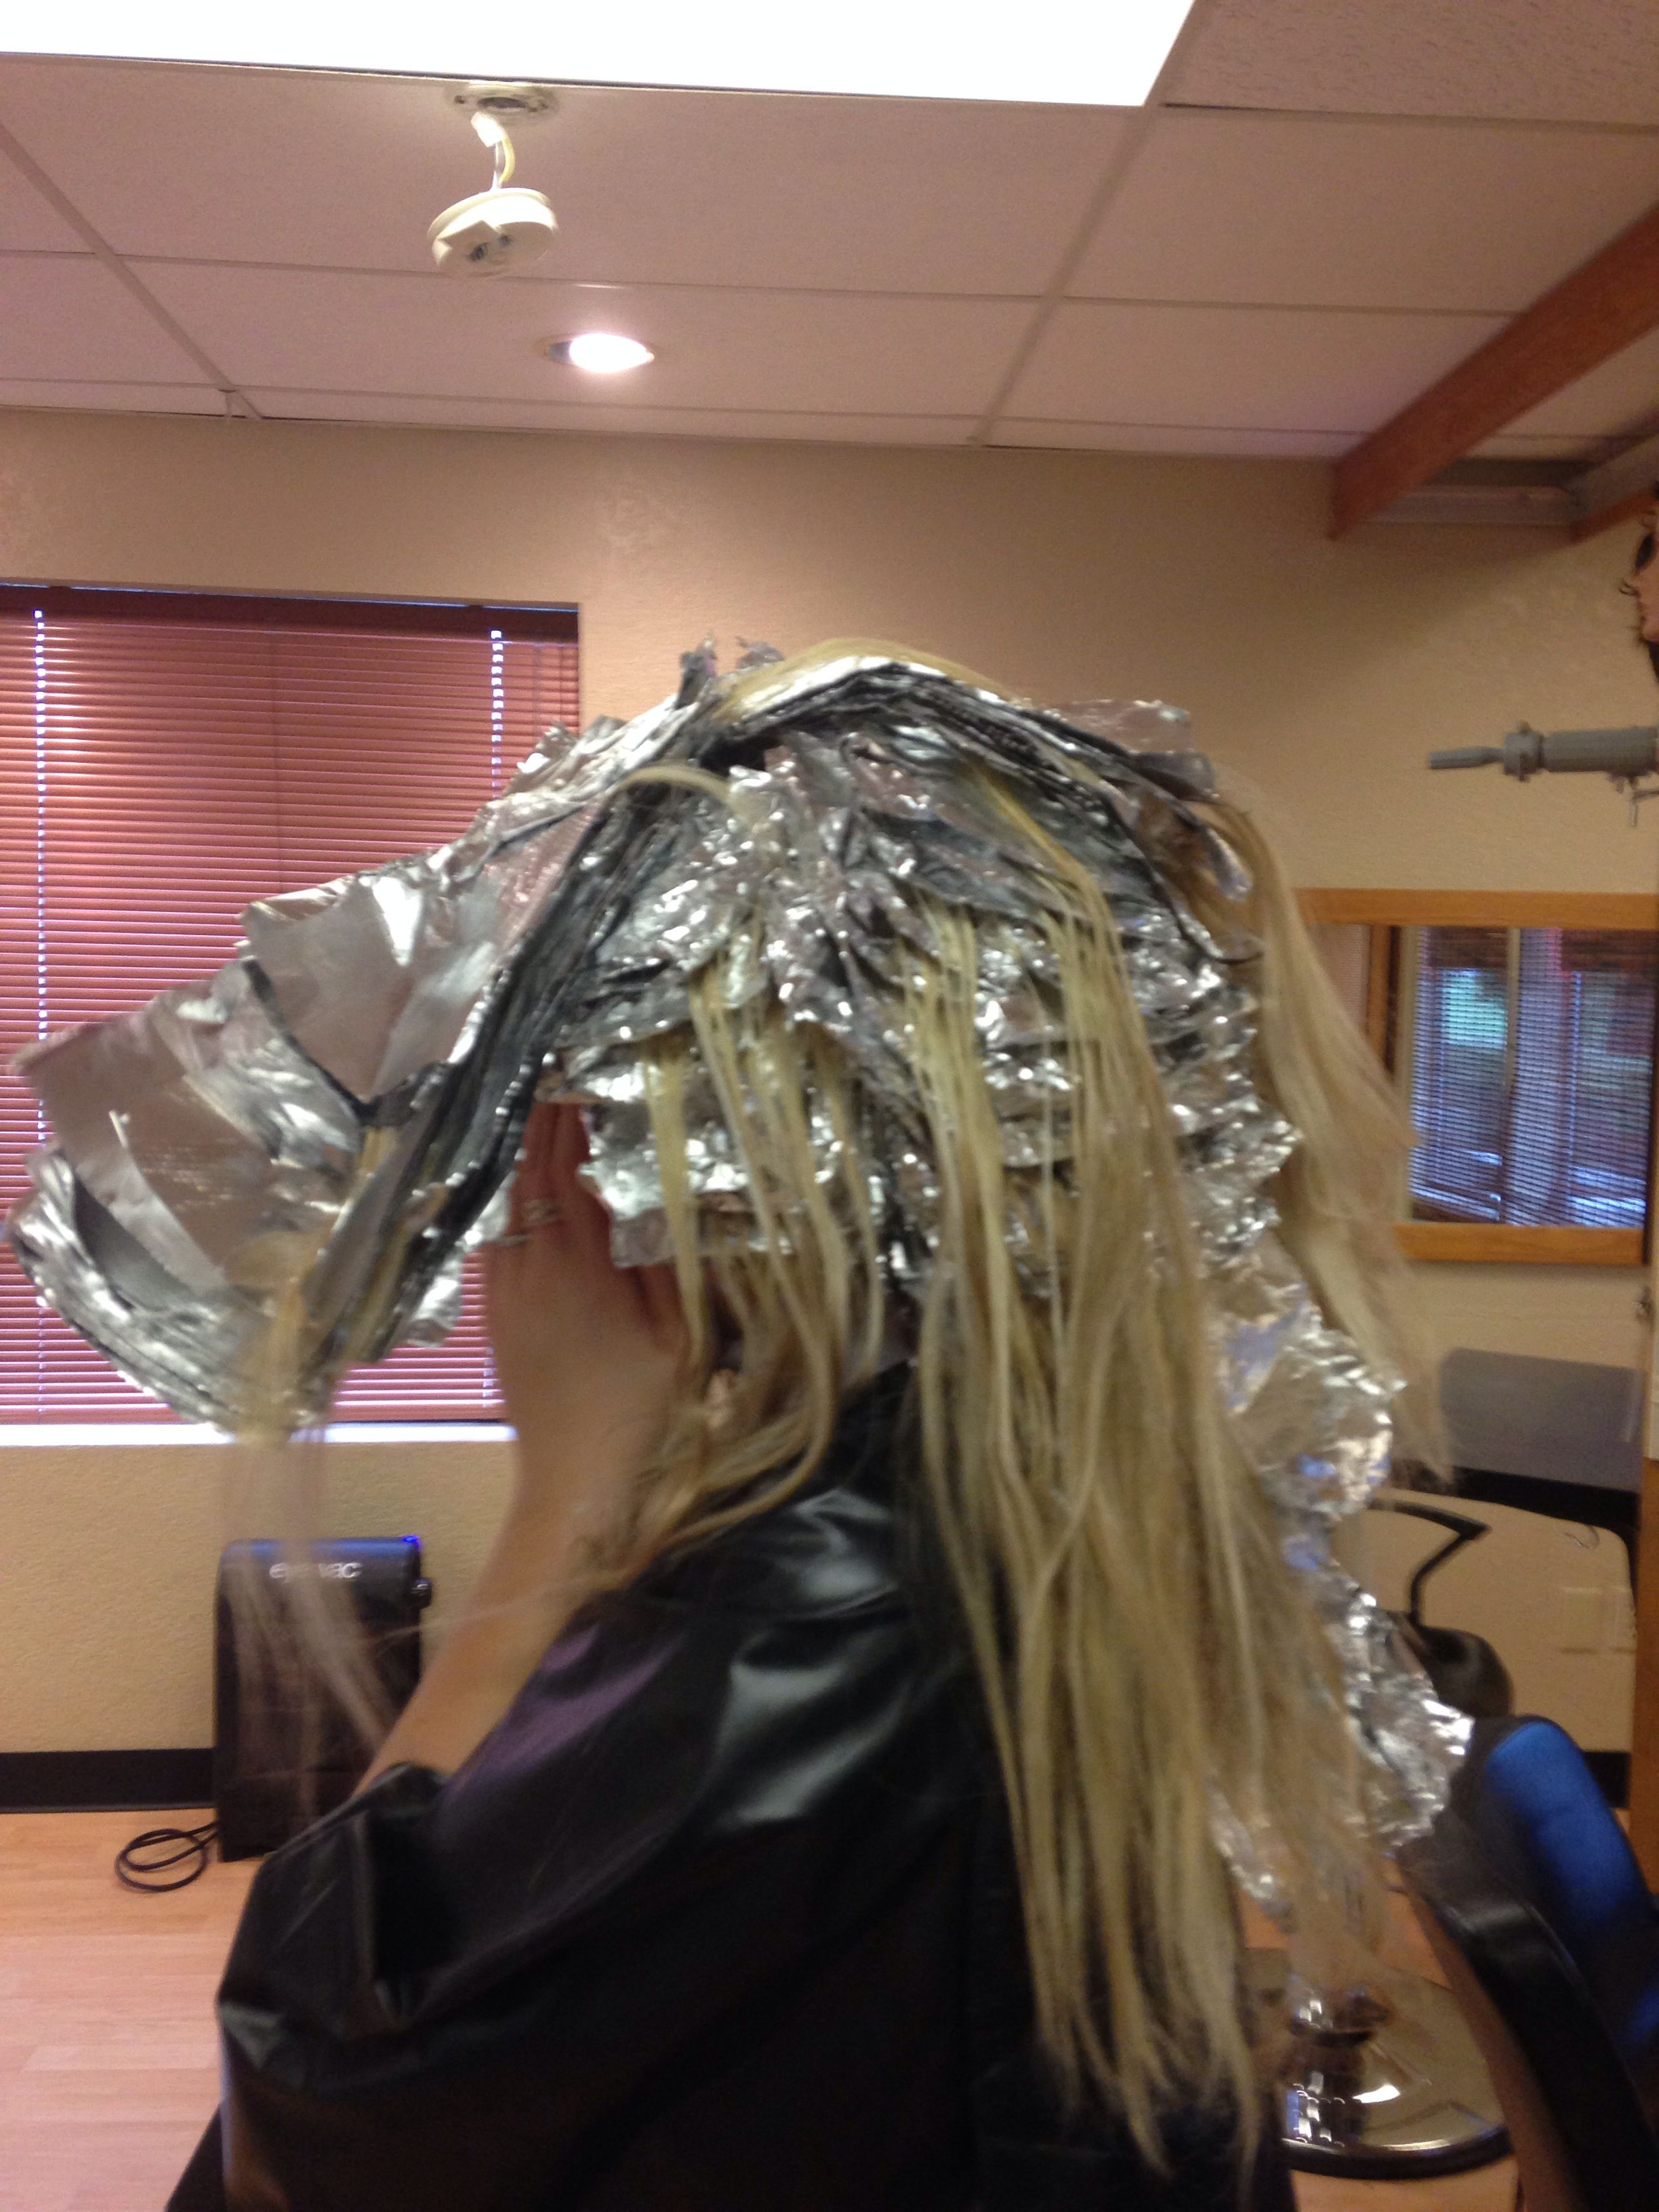 Foils on foils on foils